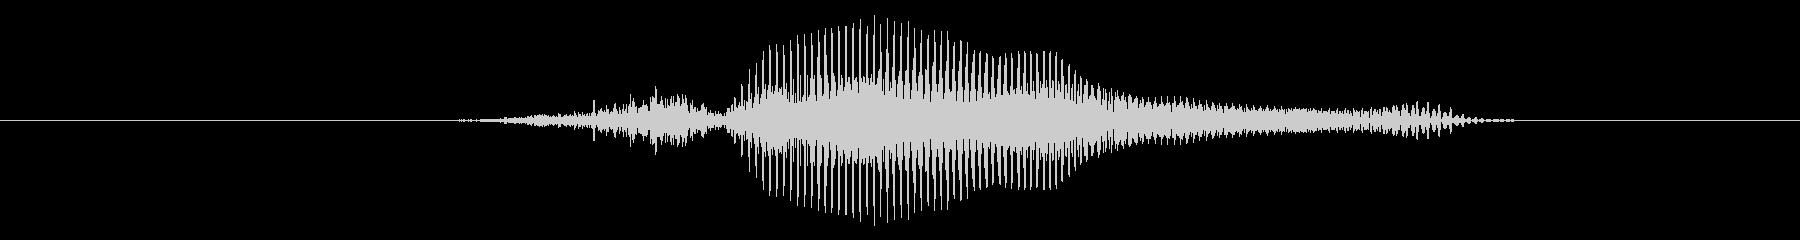 3(数字、女の子)の未再生の波形